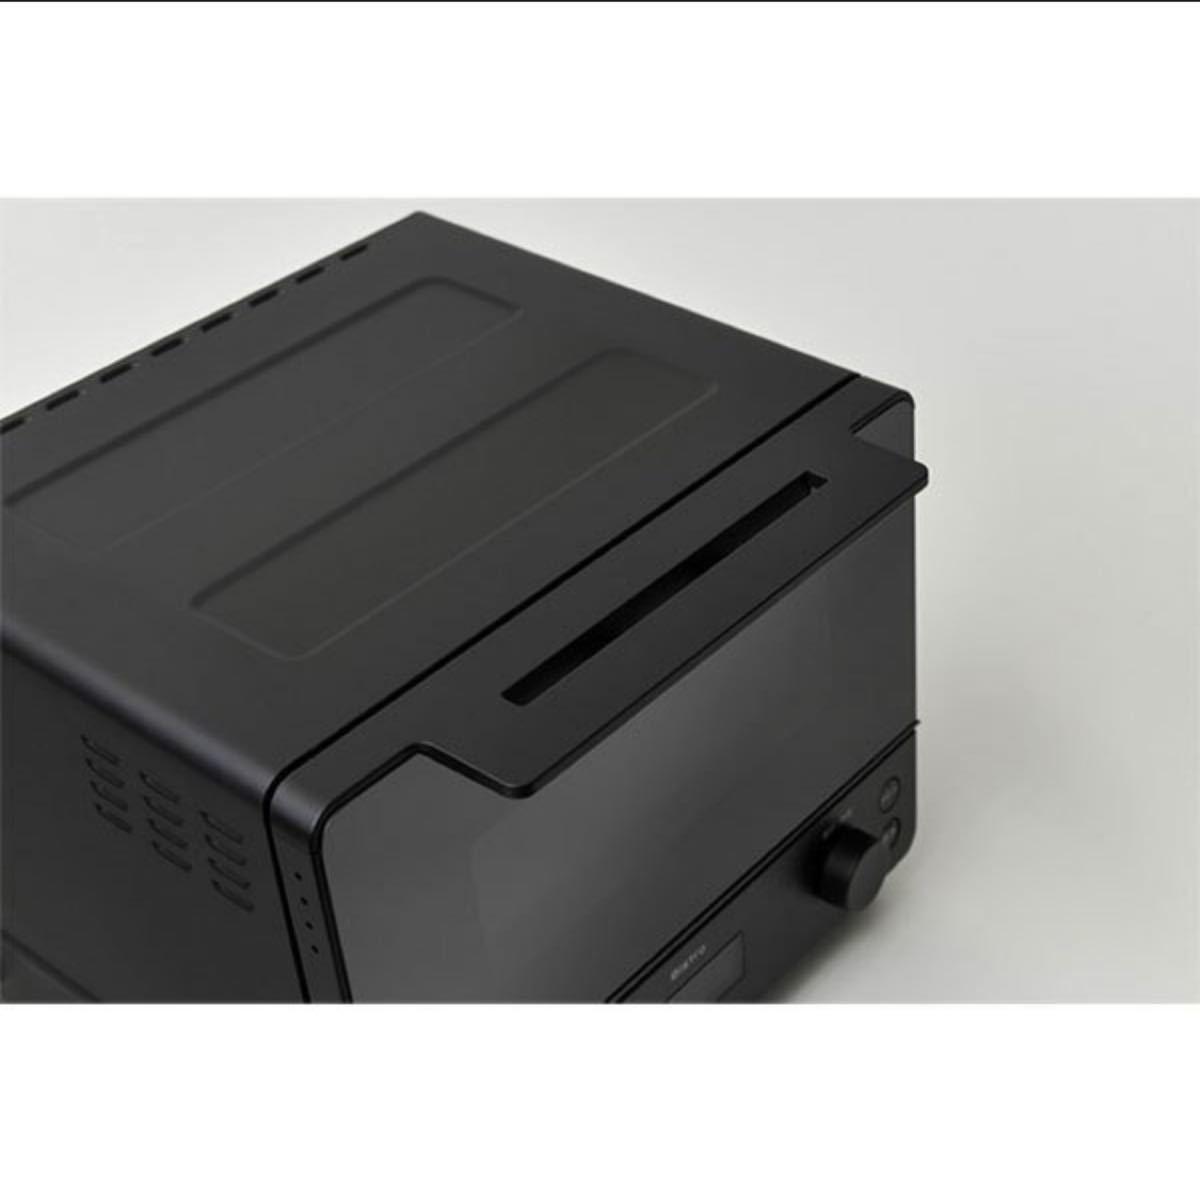 NT-D700-K オーブントースター Panasonic Bistro